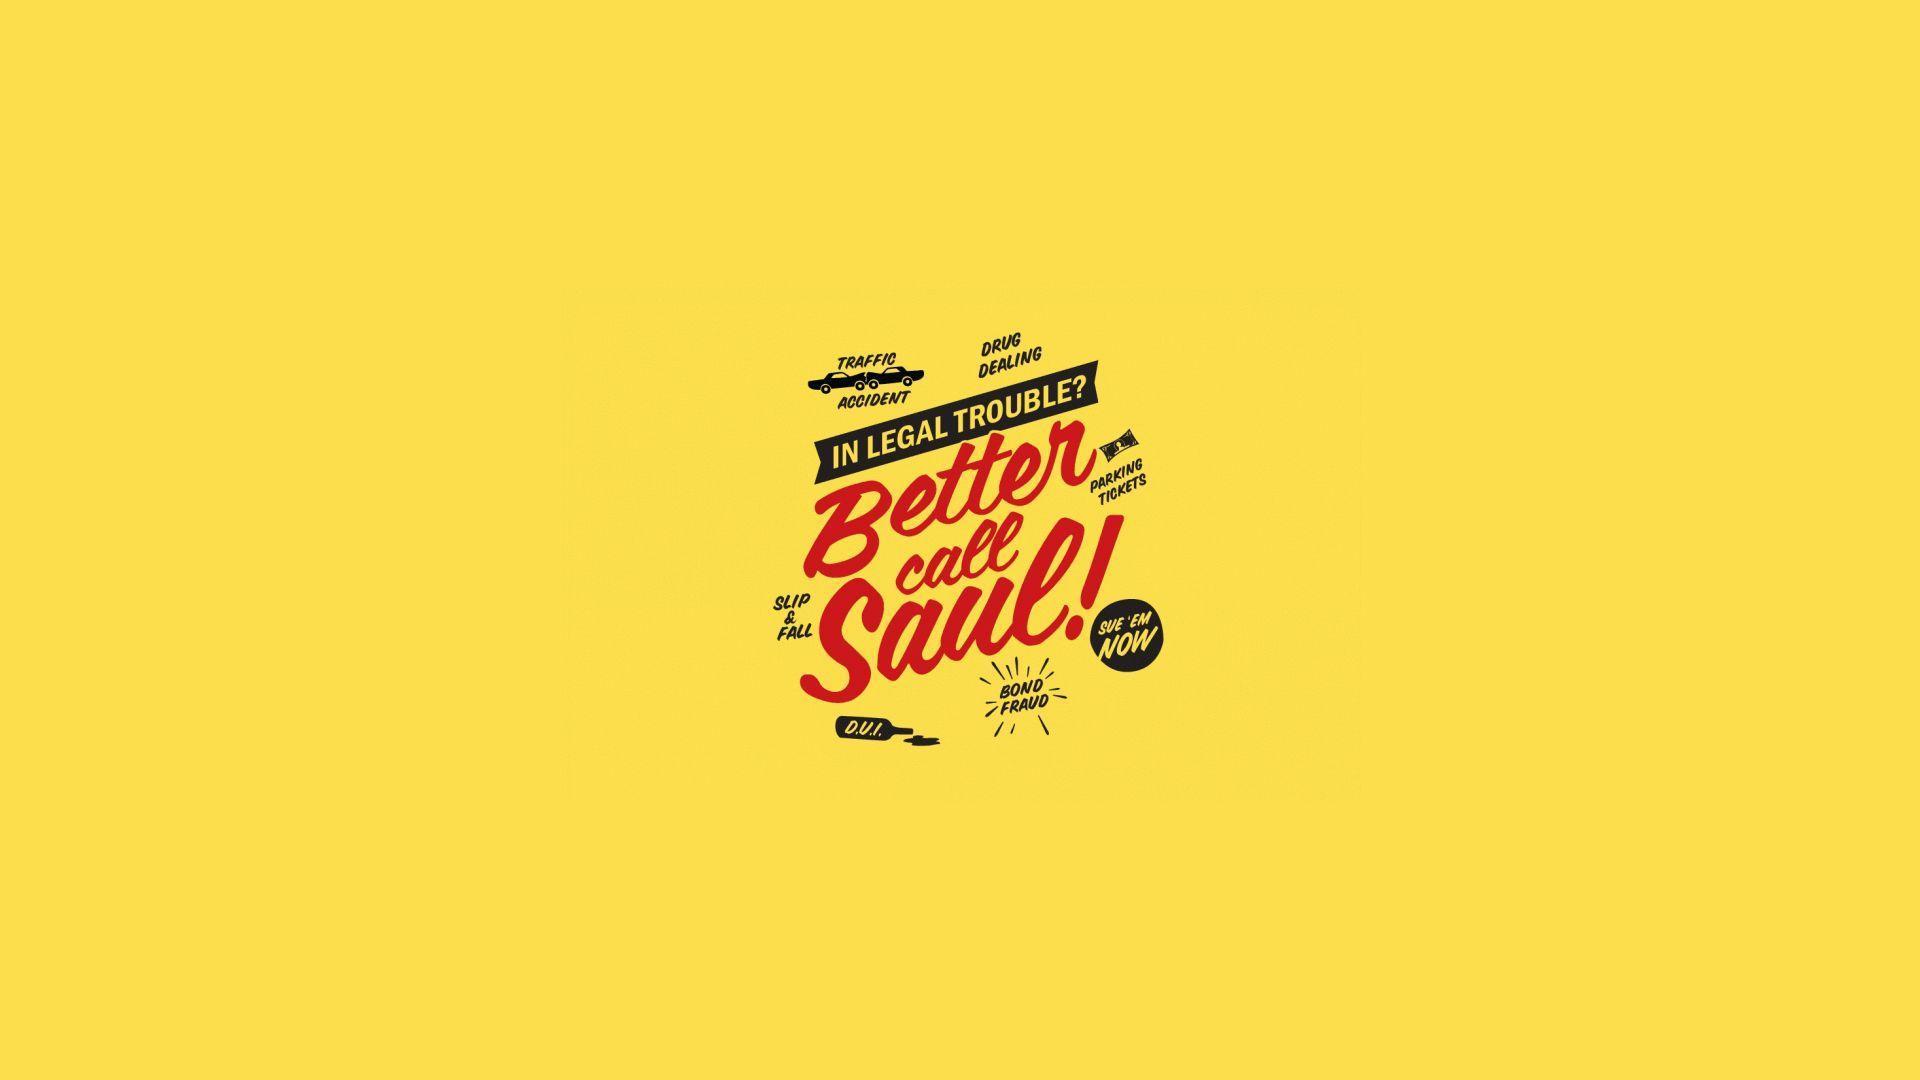 Better Call Saul Wallpapers   Top Better Call Saul 1920x1080